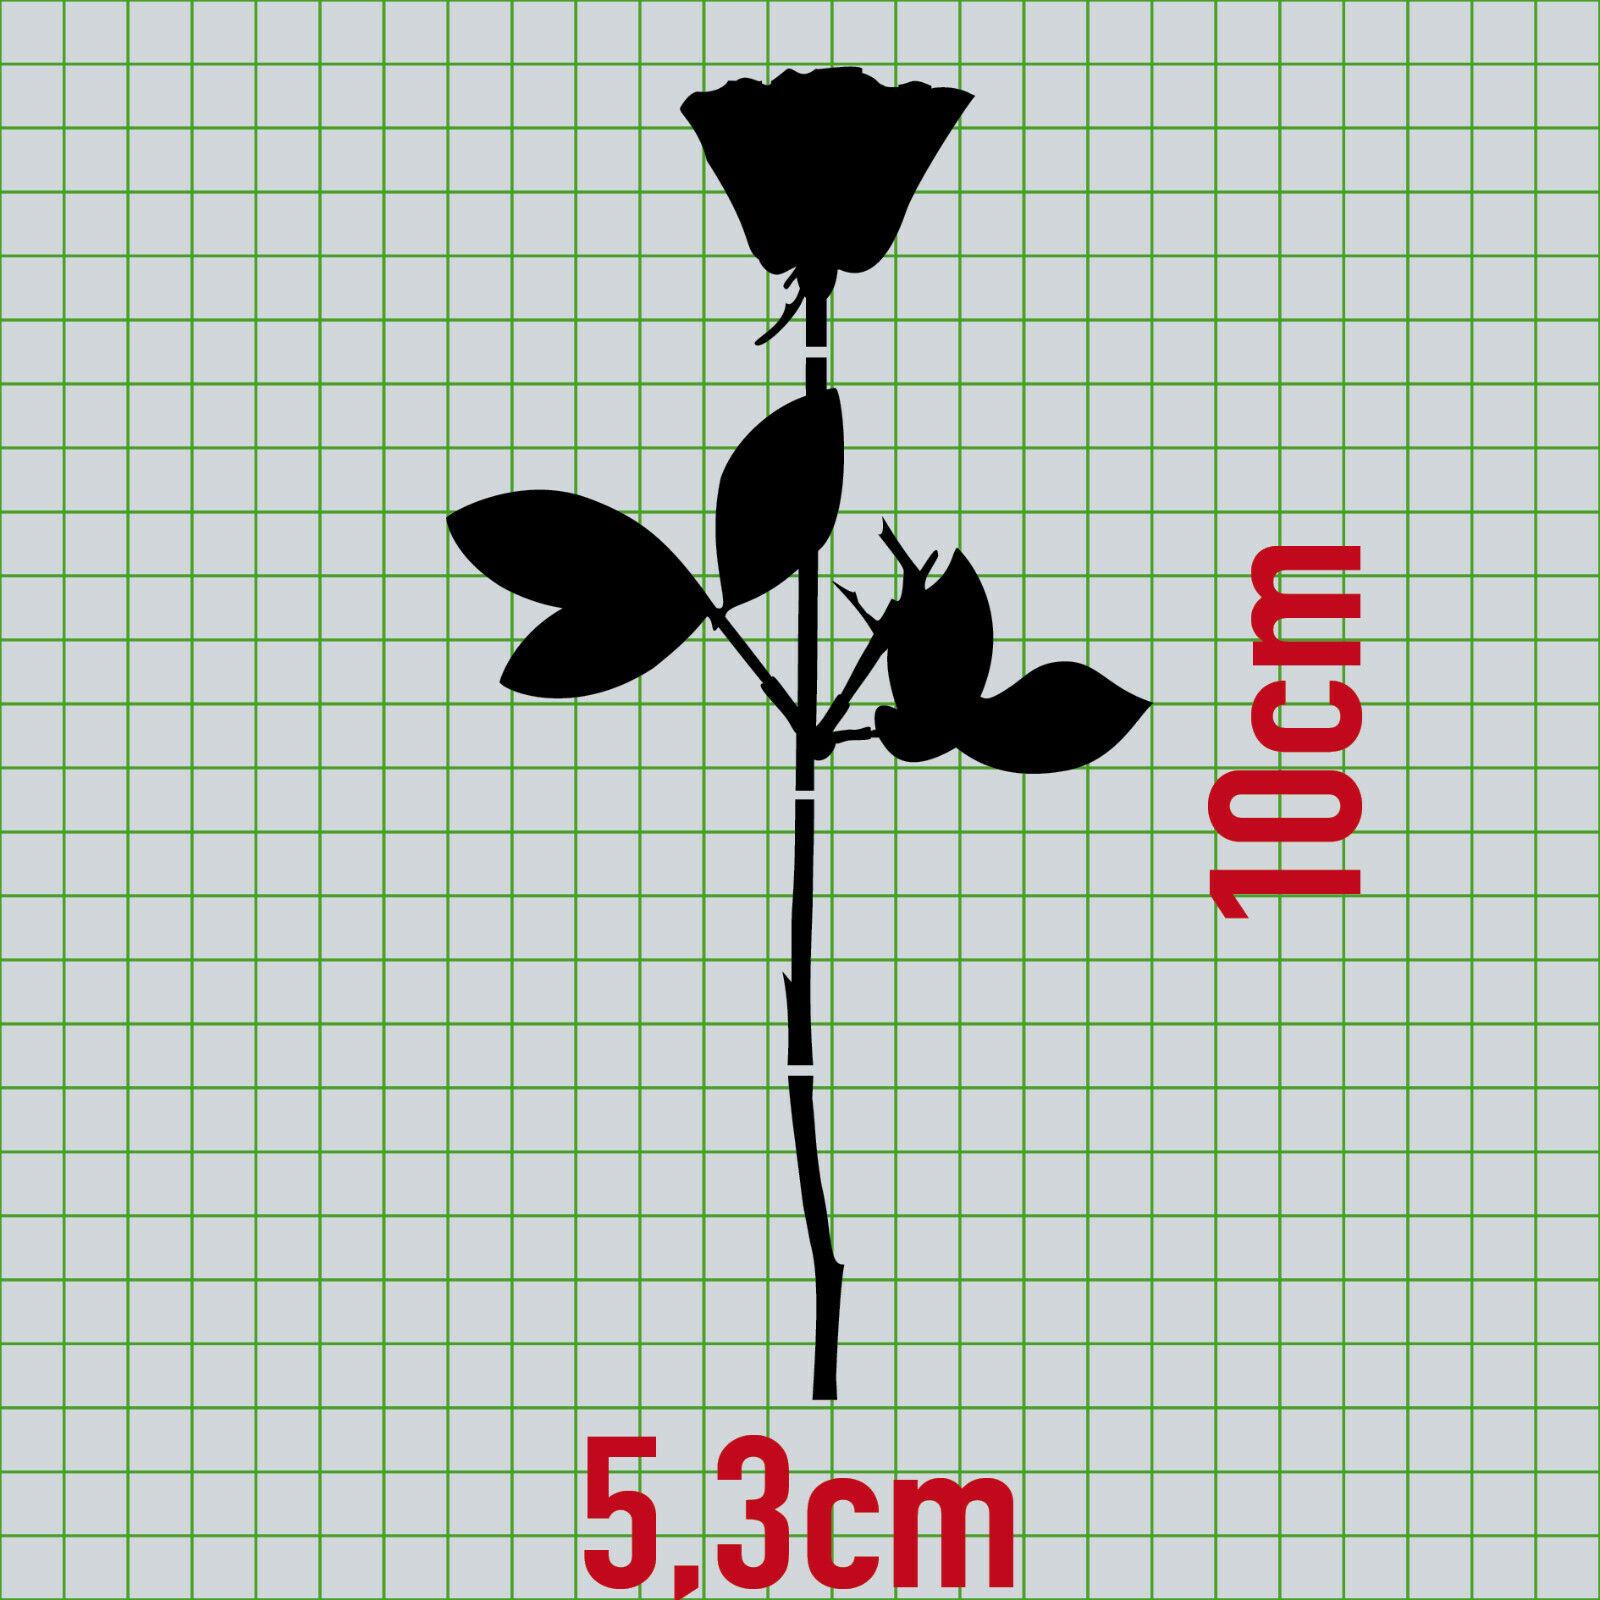 Rose 50cm schwarz Auto Tür Fenster Möbel Dekofolie Depeche Mode Aufkleber Tattoo